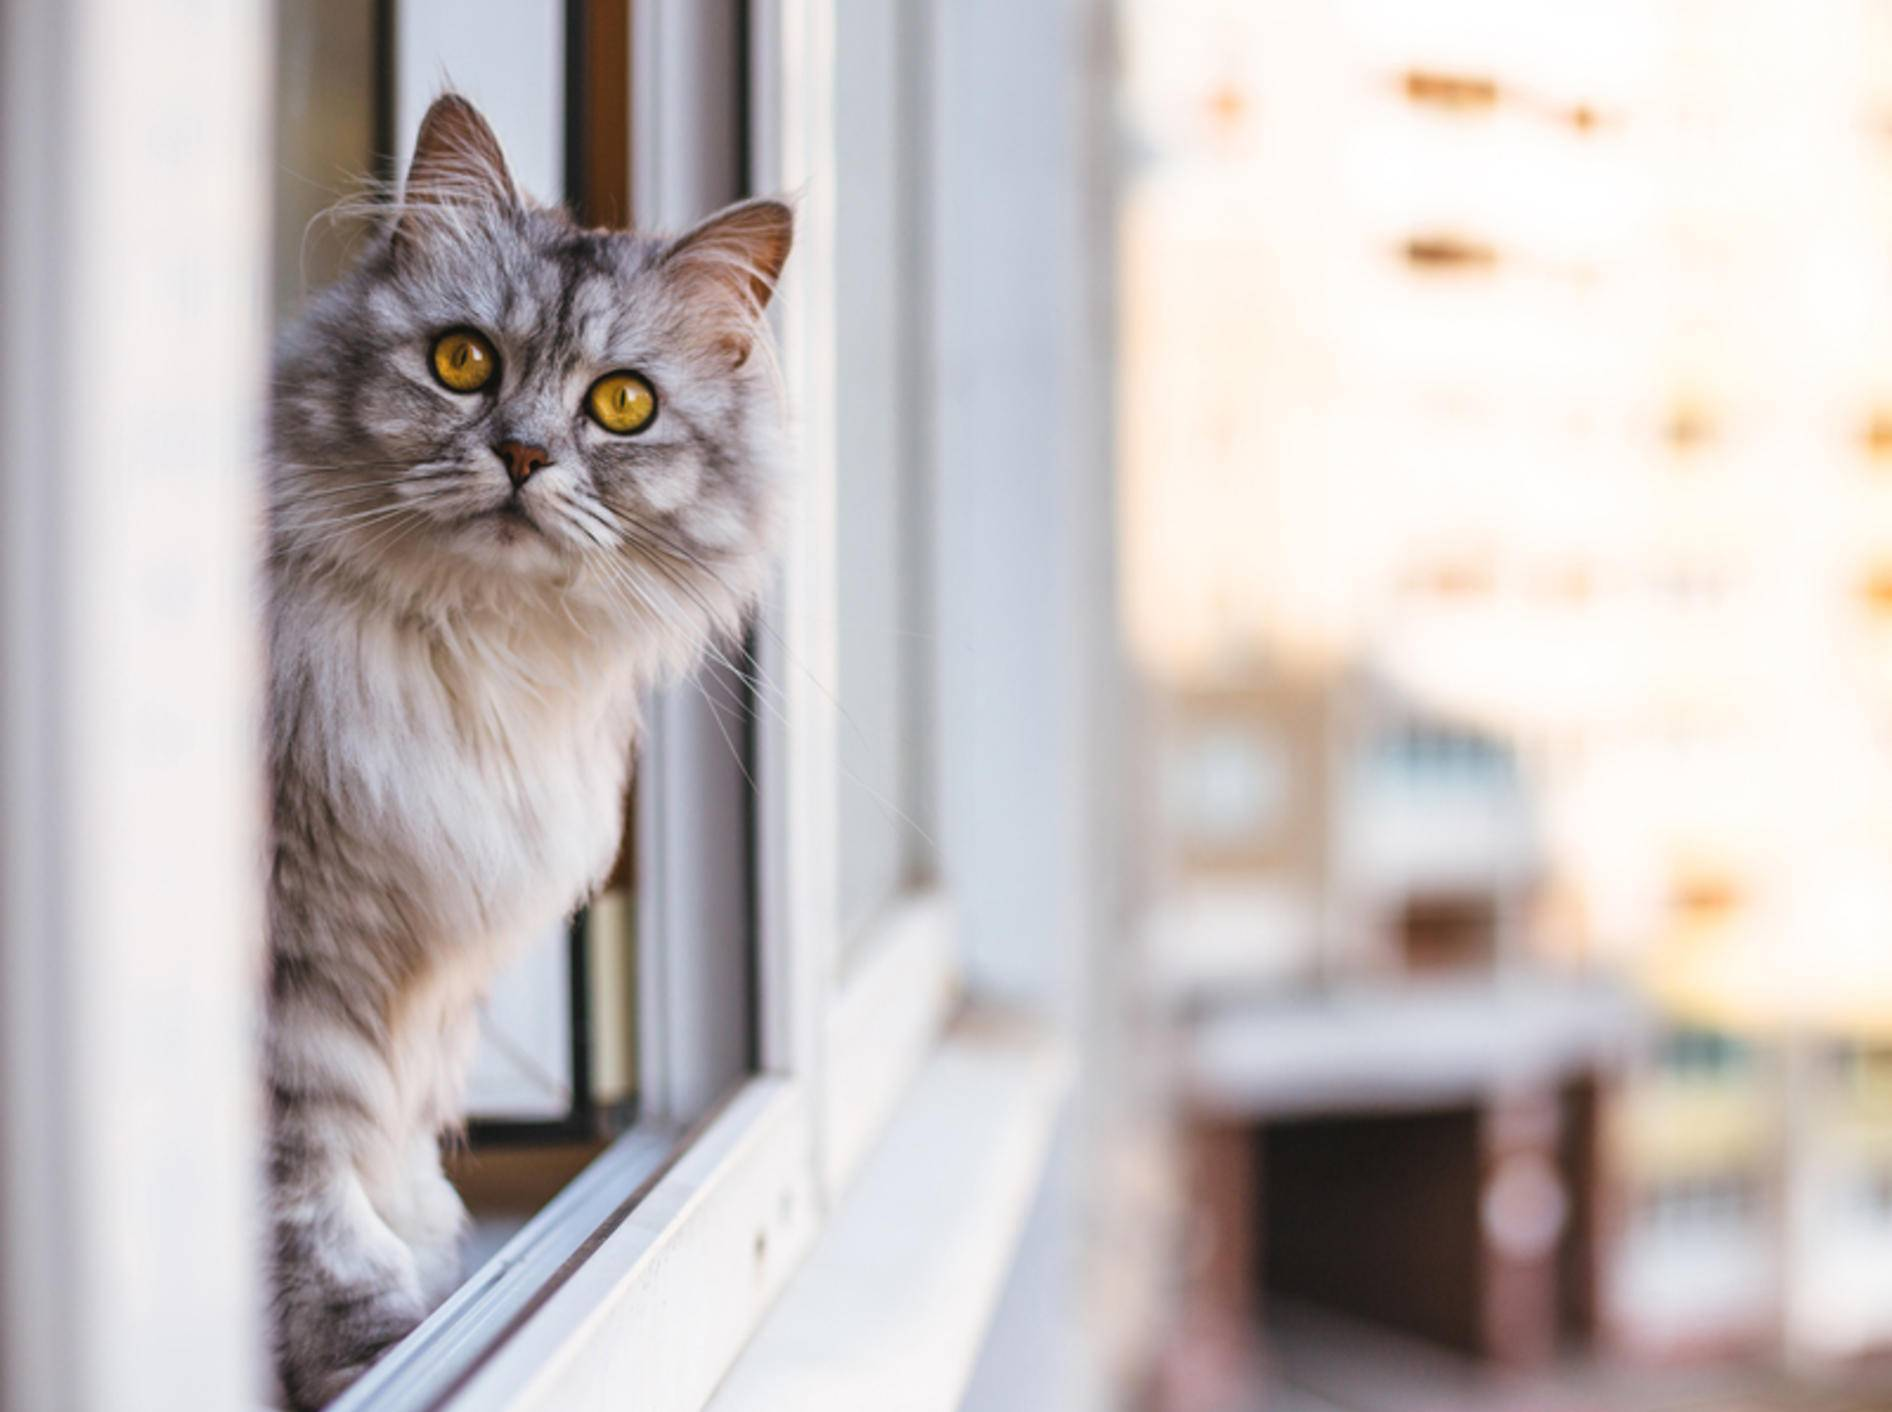 Ein Fenstersturz kann für Katzen mit schweren Verletzungen enden und sie sogar in Lebensgefahr bringen. Sichern Sie Ihre Fenster daher gut ab – Shutterstock / lkoimages